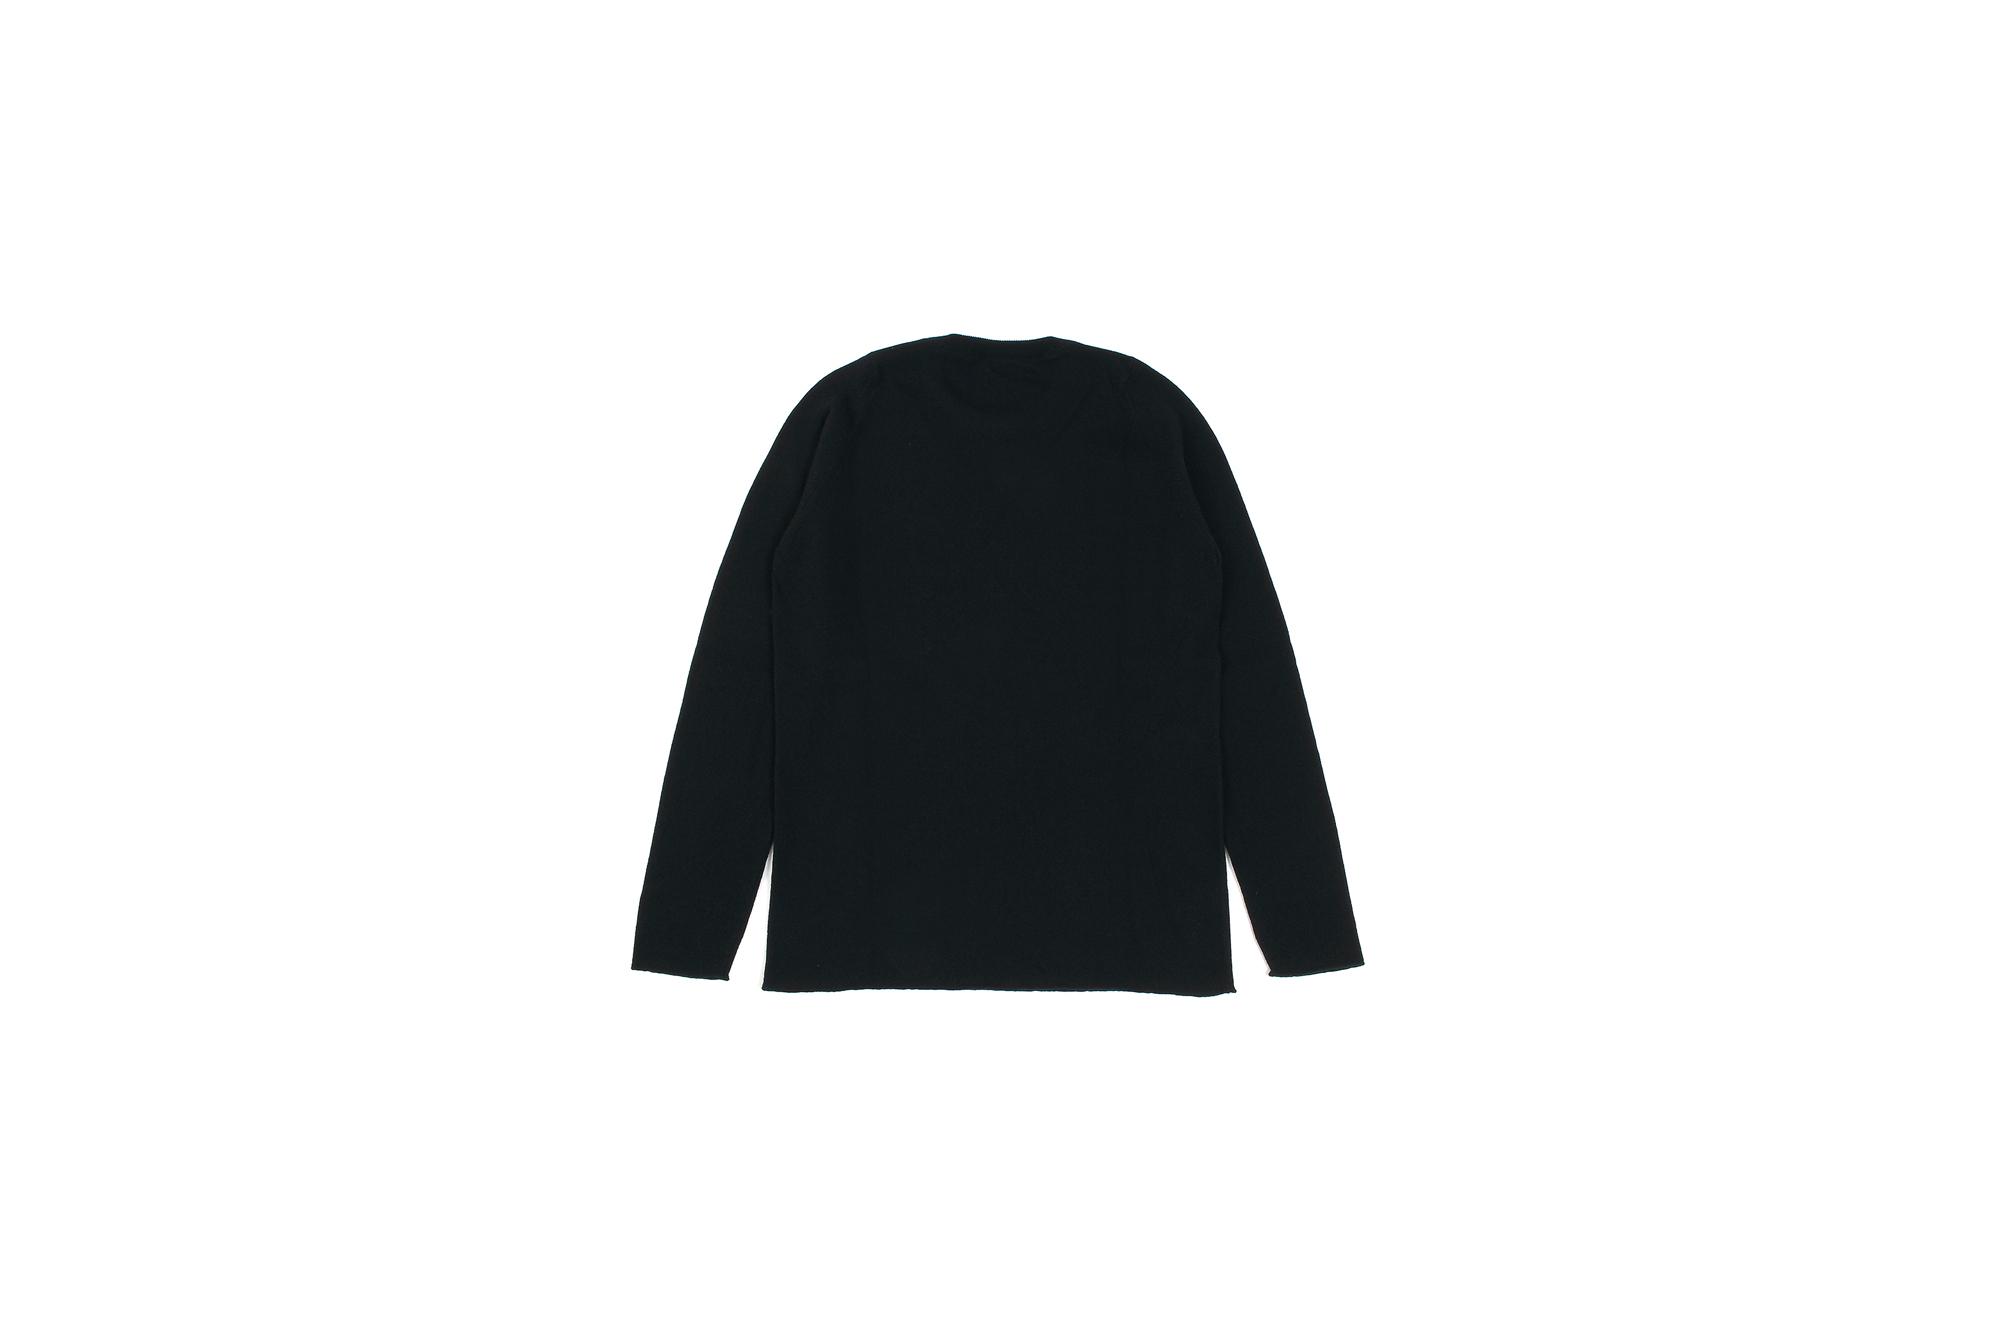 lucien pellat-finet(ルシアン ペラフィネ) KISS Skull Tongue Cashmere Sweater (キッス スカル タン カシミア セーター) インターシャ カシミア スカル セーター BLACK × NIVEOUS (ブラック × ホワイト) made in scotland (スコットランド製) 2020 春夏新作 愛知 名古屋 altoediritto アルトエデリット